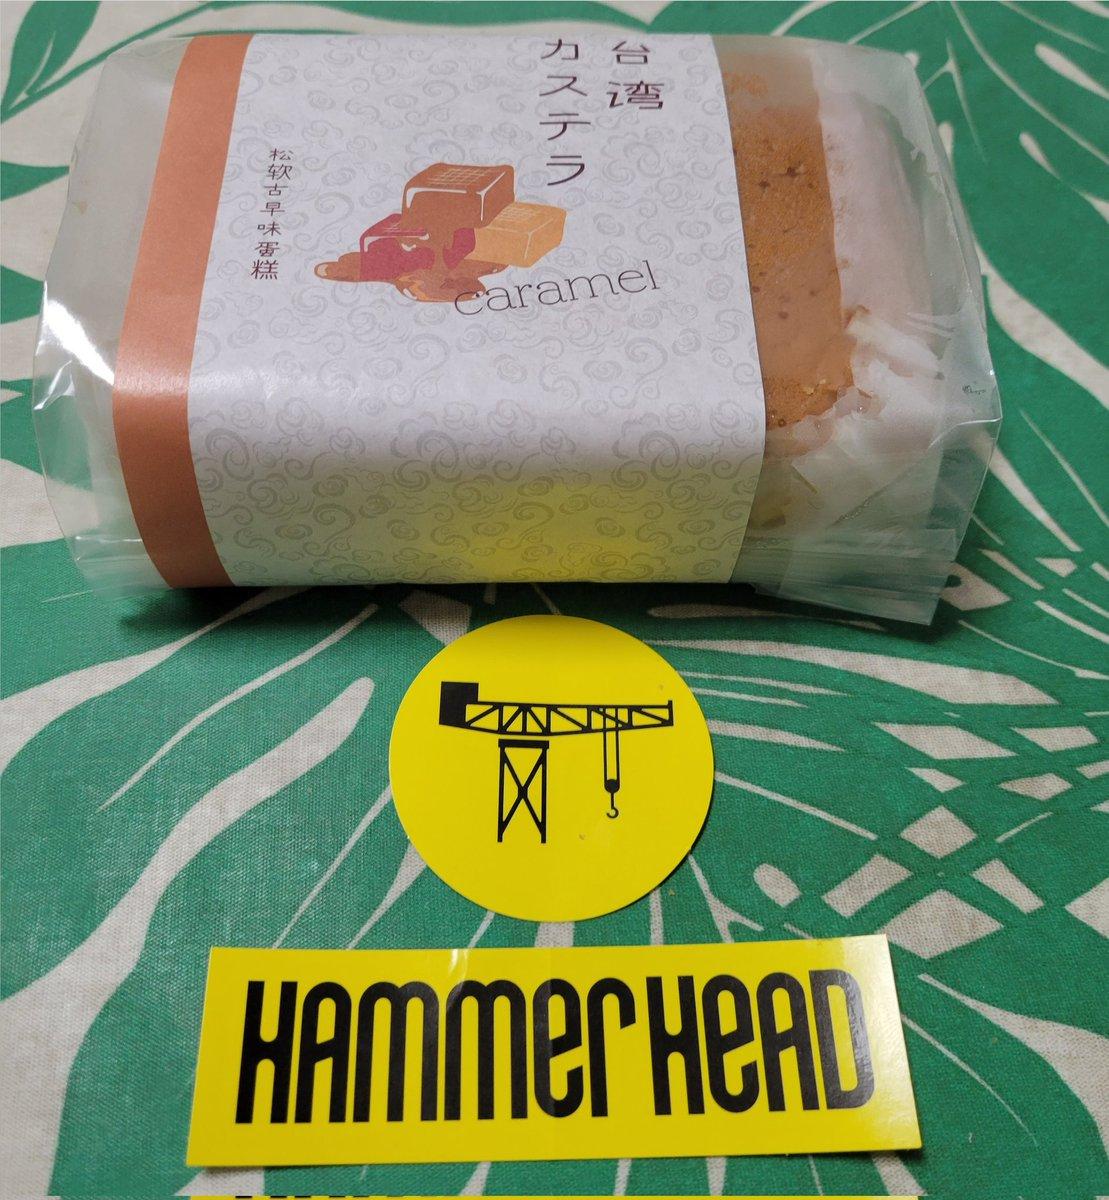 test ツイッターメディア - スポンサー様のありあけのハーバーで台湾カステラゲットしてきた😋 ハンマーヘッドでステッカーも貰えた! https://t.co/YtogPDhNBF